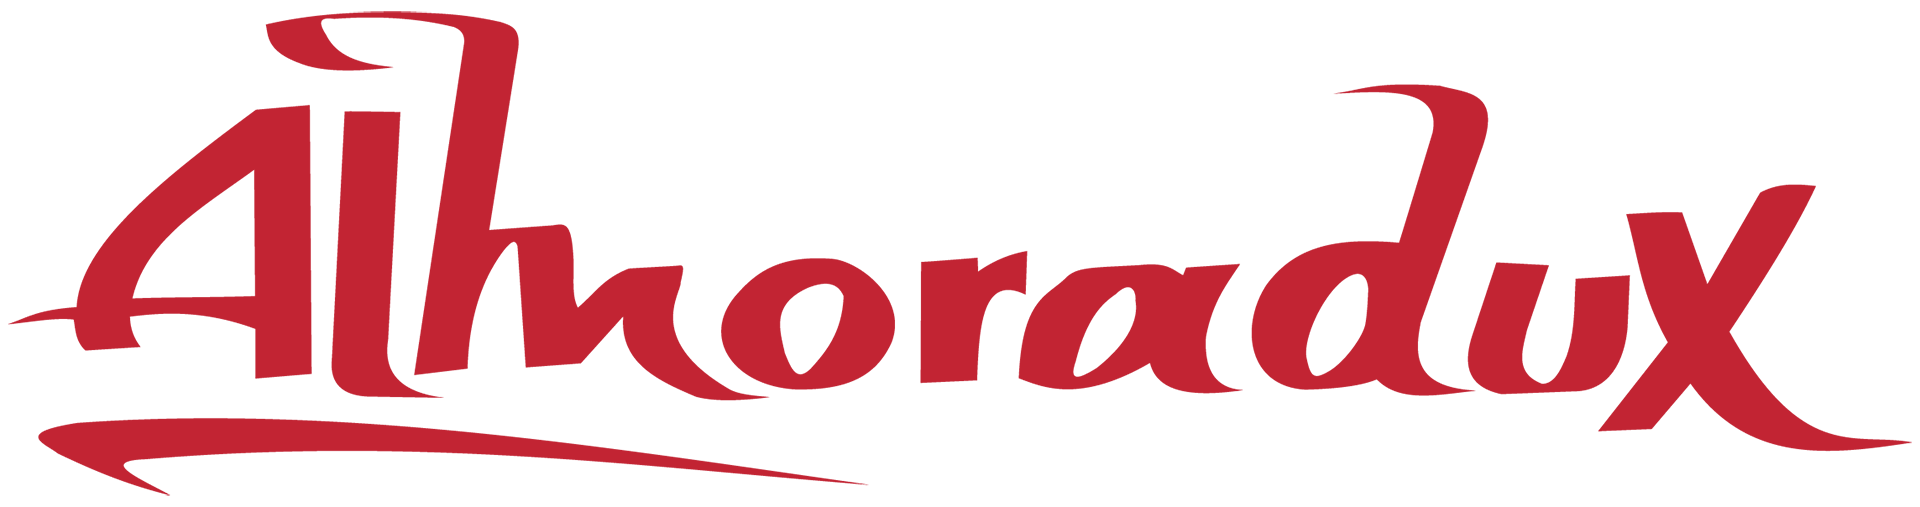 Almoradux